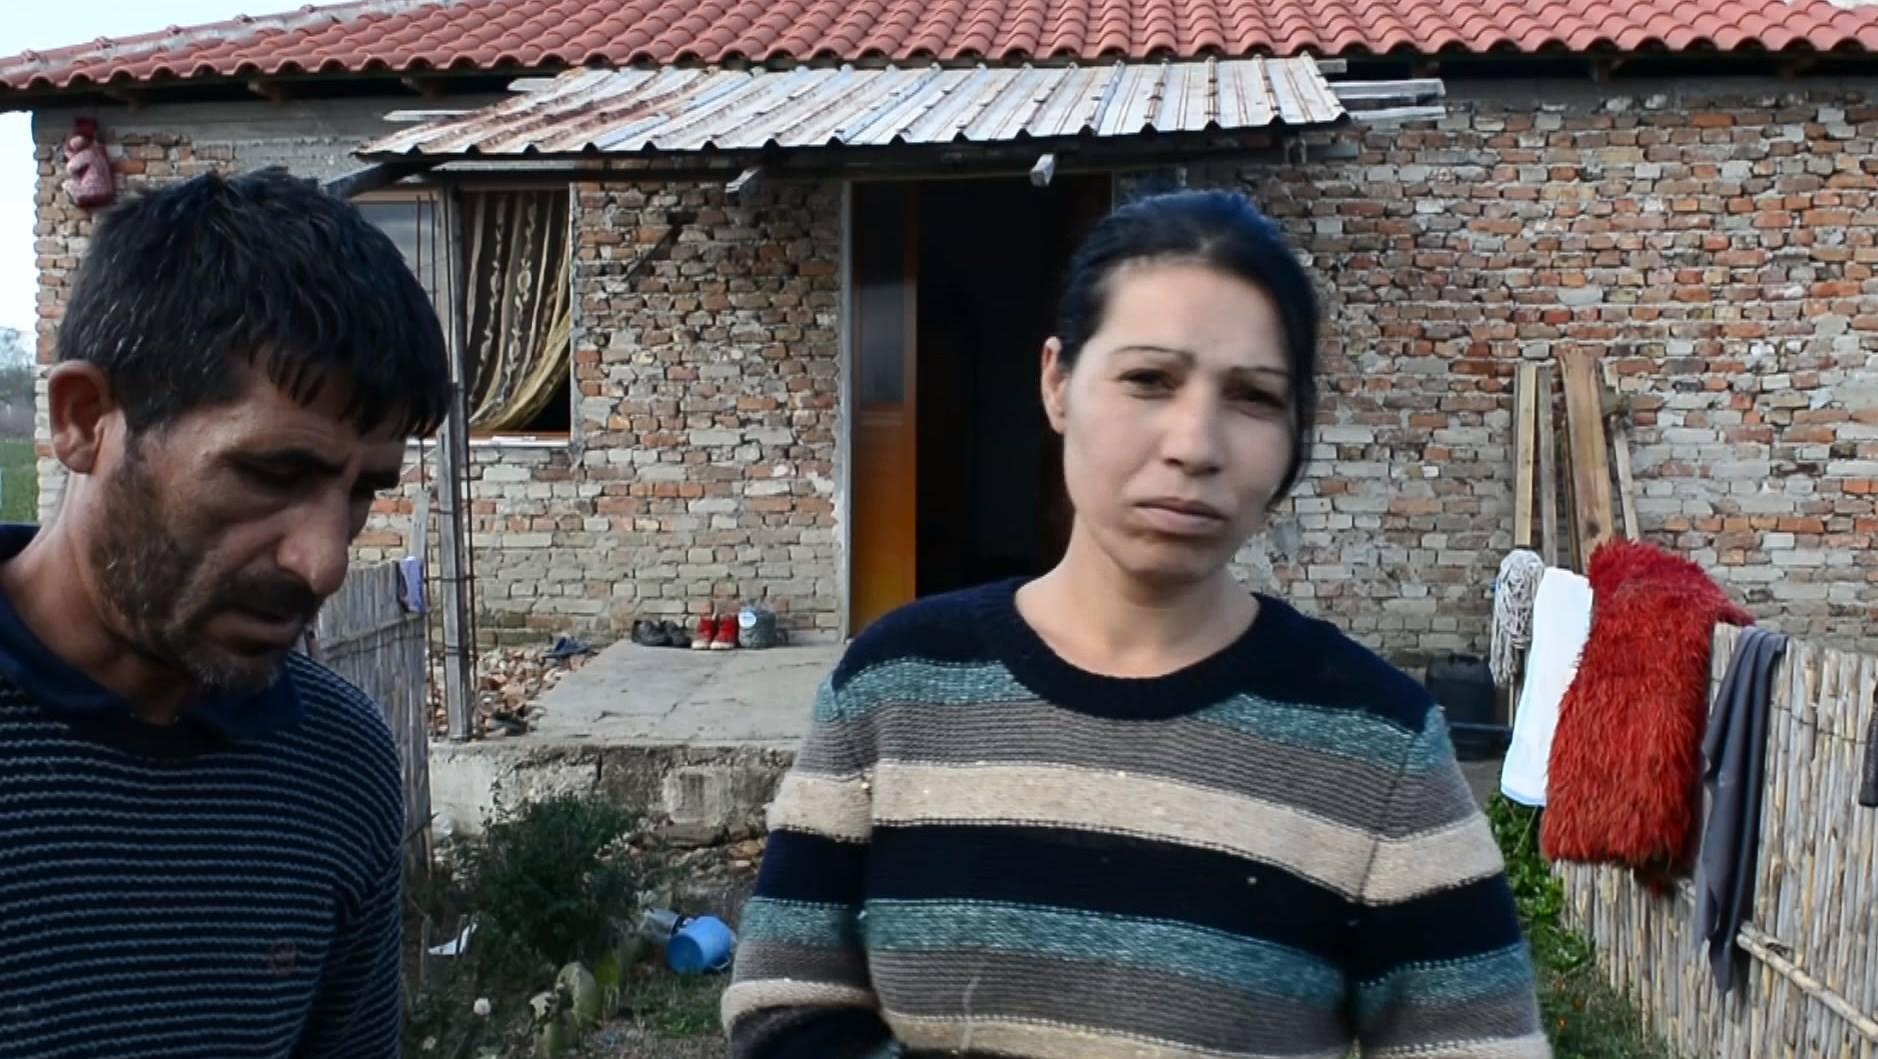 Fier: Shpenzohen miliona lekë, por banesat e komunitetit Rom lihen përgjysmë